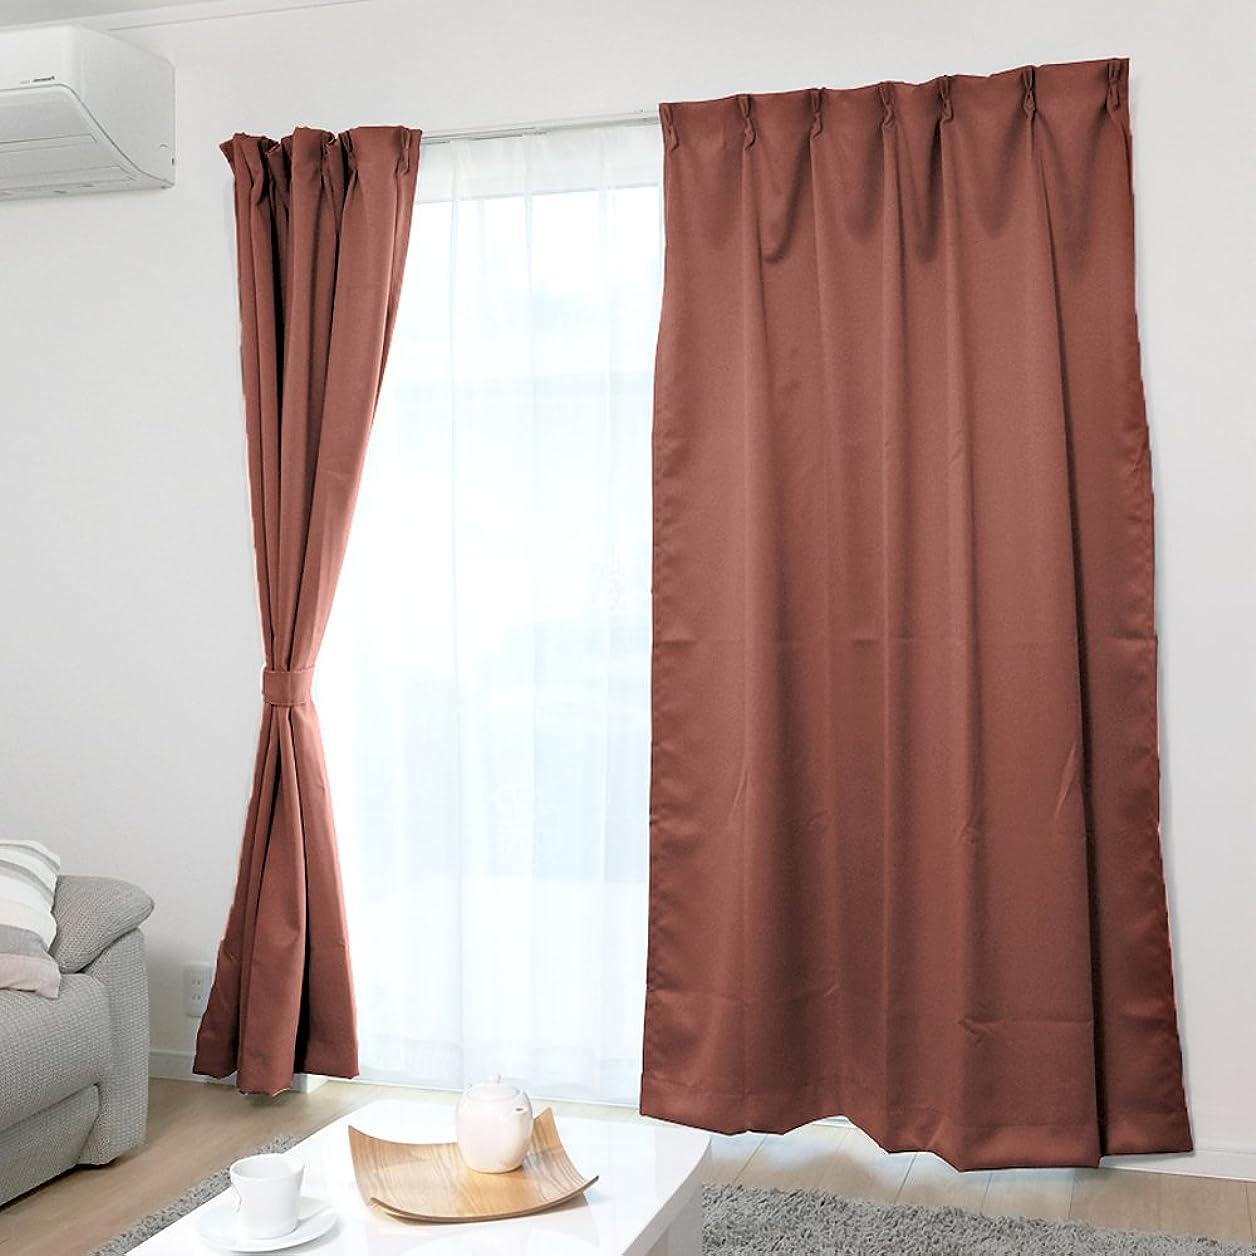 神の粘液通り【全70種】カーテン 1級遮光 ドレープカーテン 断熱 保温 洗える 幅100cm×丈210cm 2枚組 ブラウン